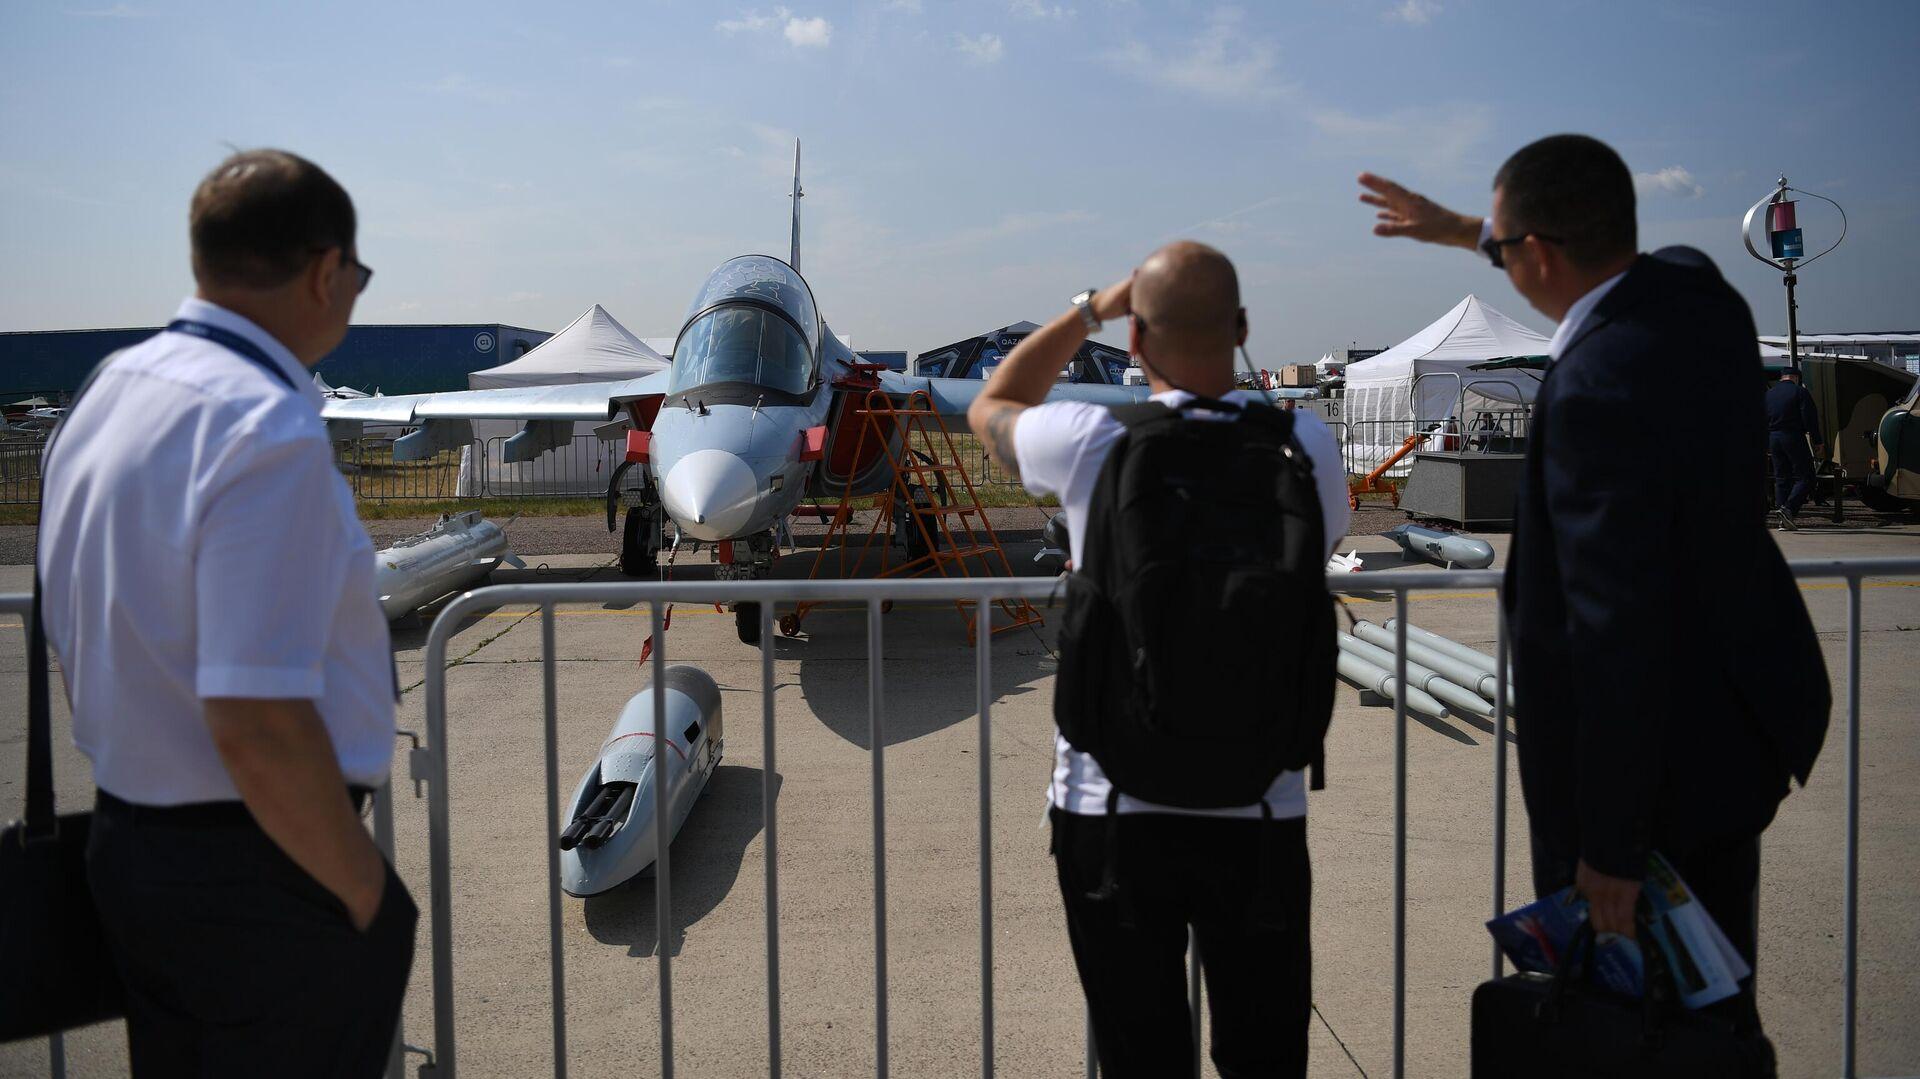 Посетители на Международном авиационно-космическом салоне МАКС-2021 - РИА Новости, 1920, 20.07.2021